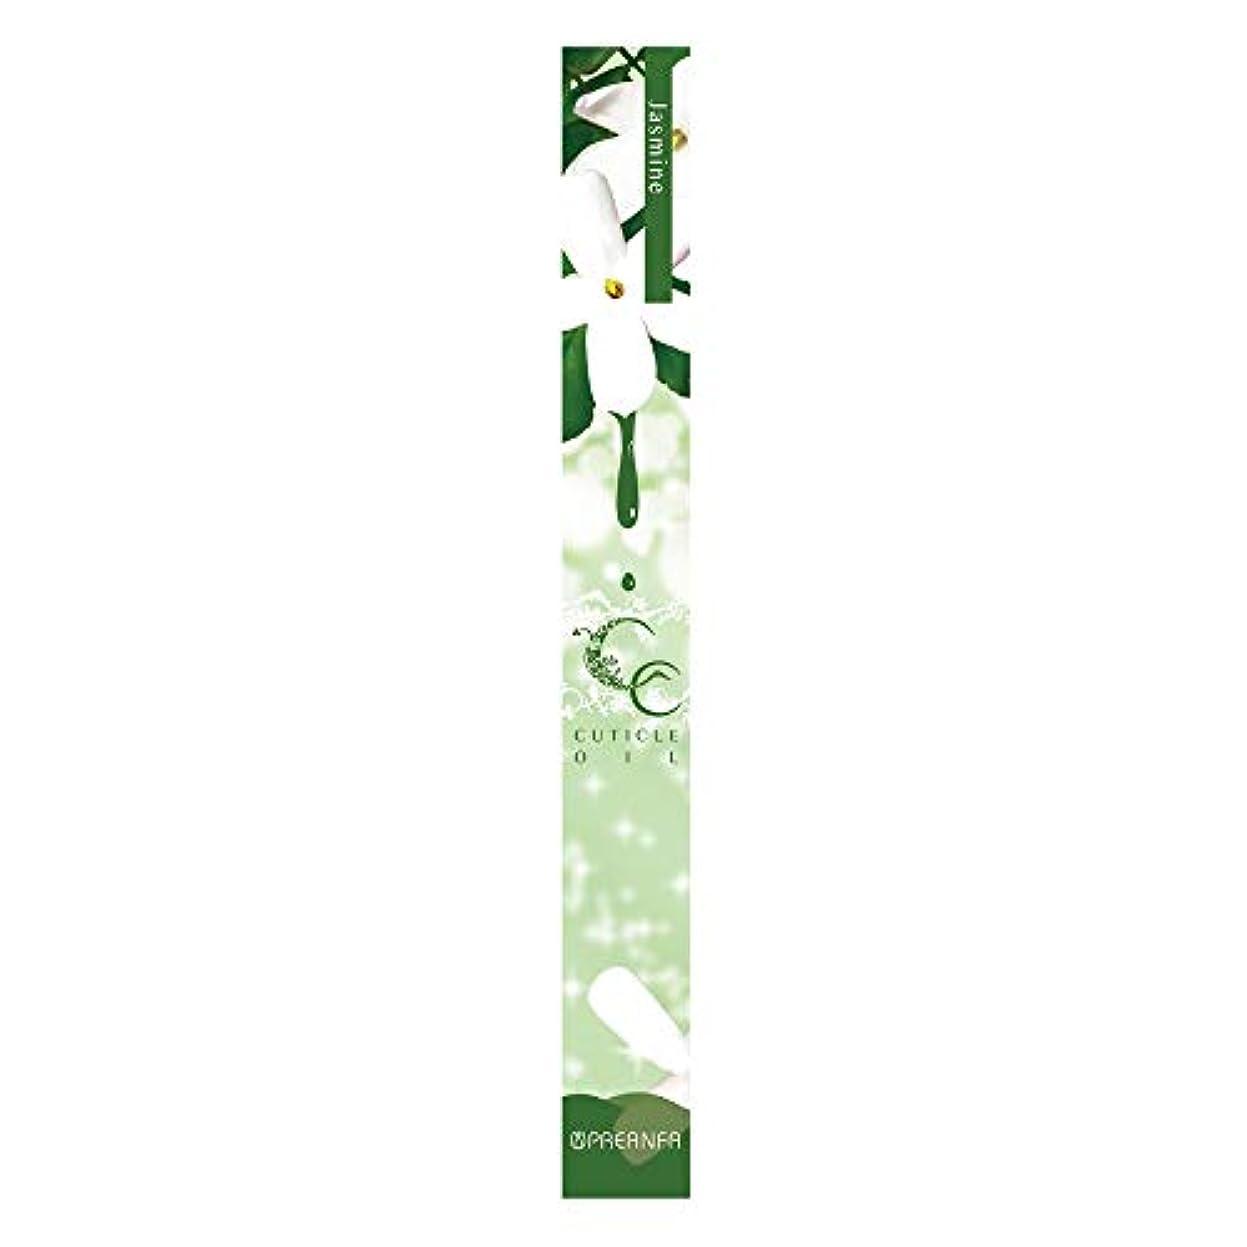 アサーキャンパス好戦的なプリジェル 甘皮ケア CCキューティクルオイル ジャスミン 4.5g  保湿オイル ペンタイプ